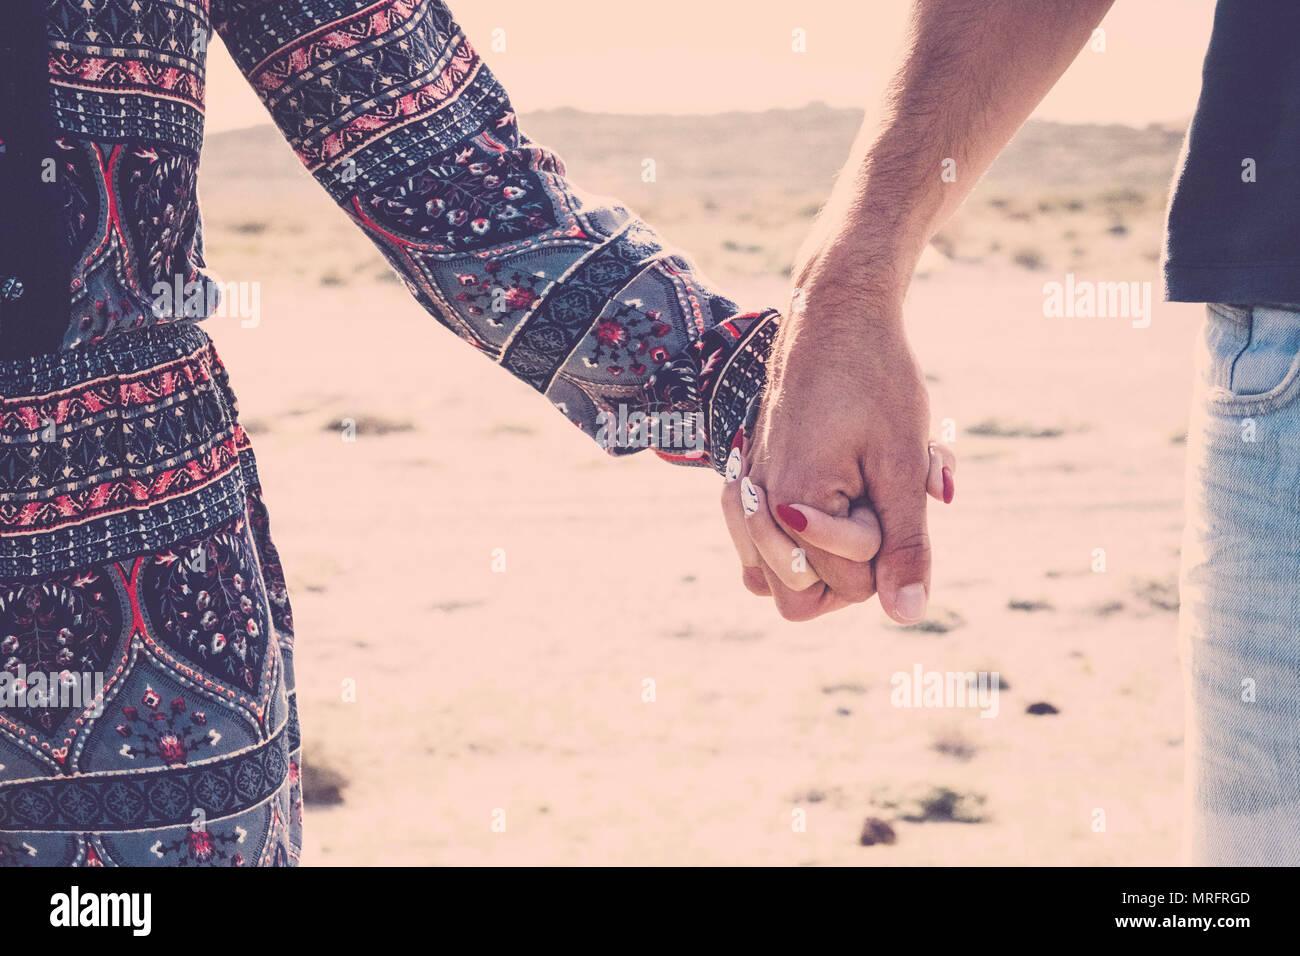 Primer plano de un par de manos juntas tocando la celebración real de verdadero amor entre hombre y mujer caucásica. los jóvenes viajeros en vacaciones con playa destinat Imagen De Stock